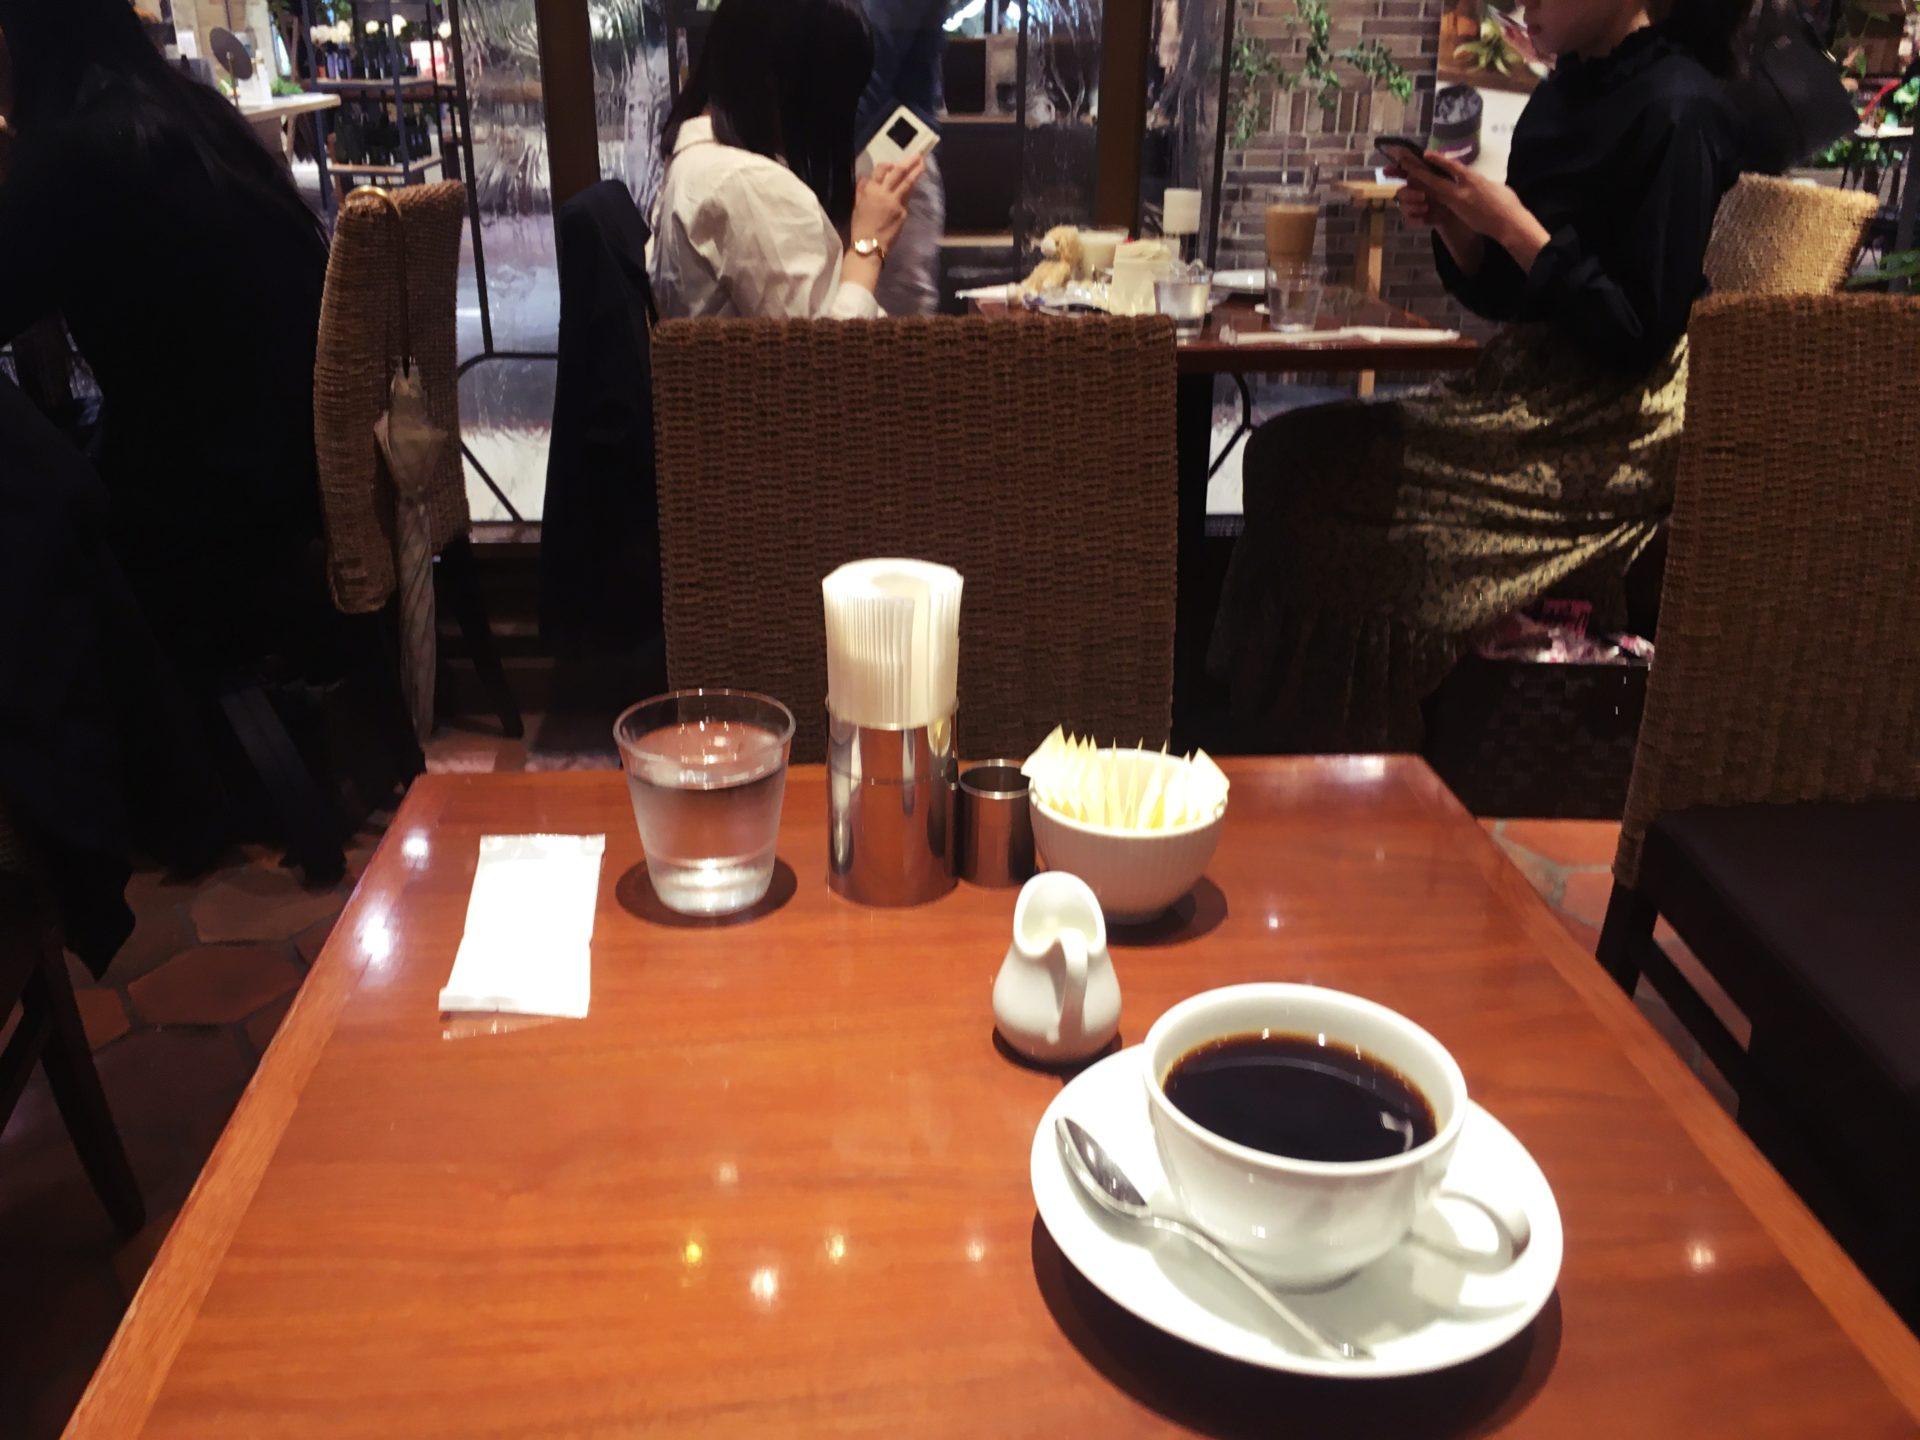 日本, 一時帰国, 吉祥寺, ケーキ, カフェ